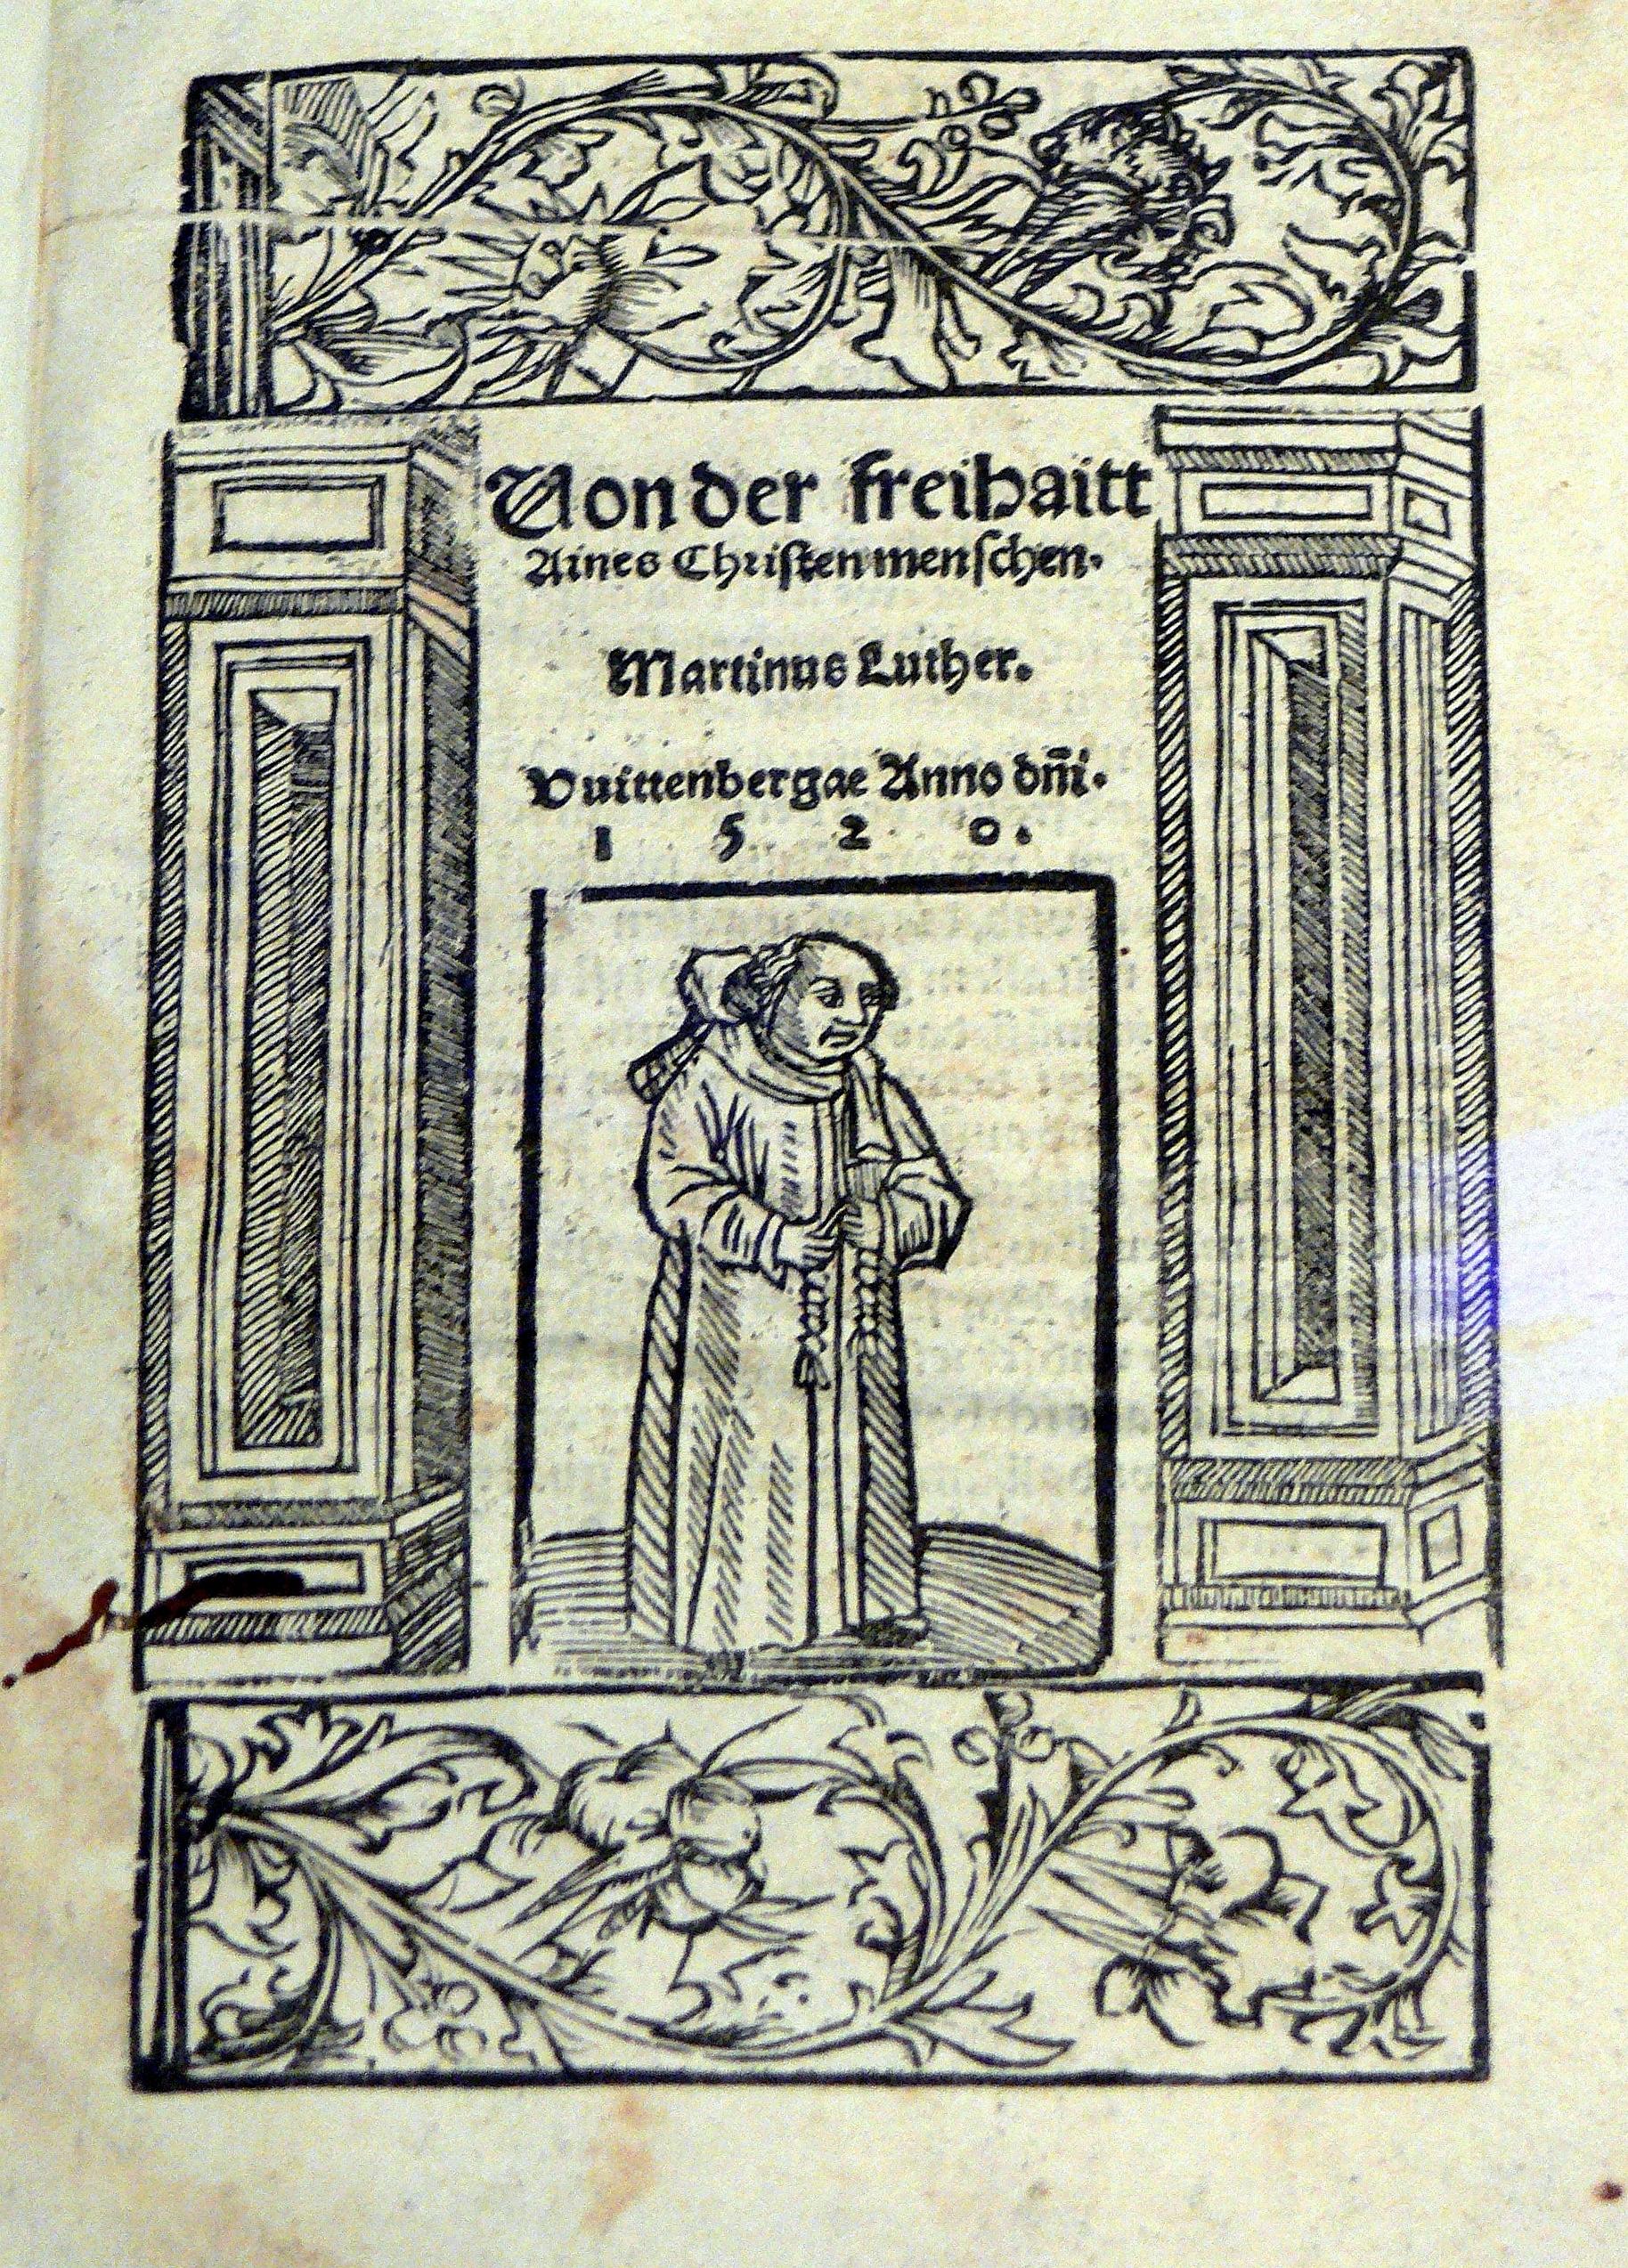 Martin Luther Von Der Freiheit Eines Christenmenschen Zusammenfassung